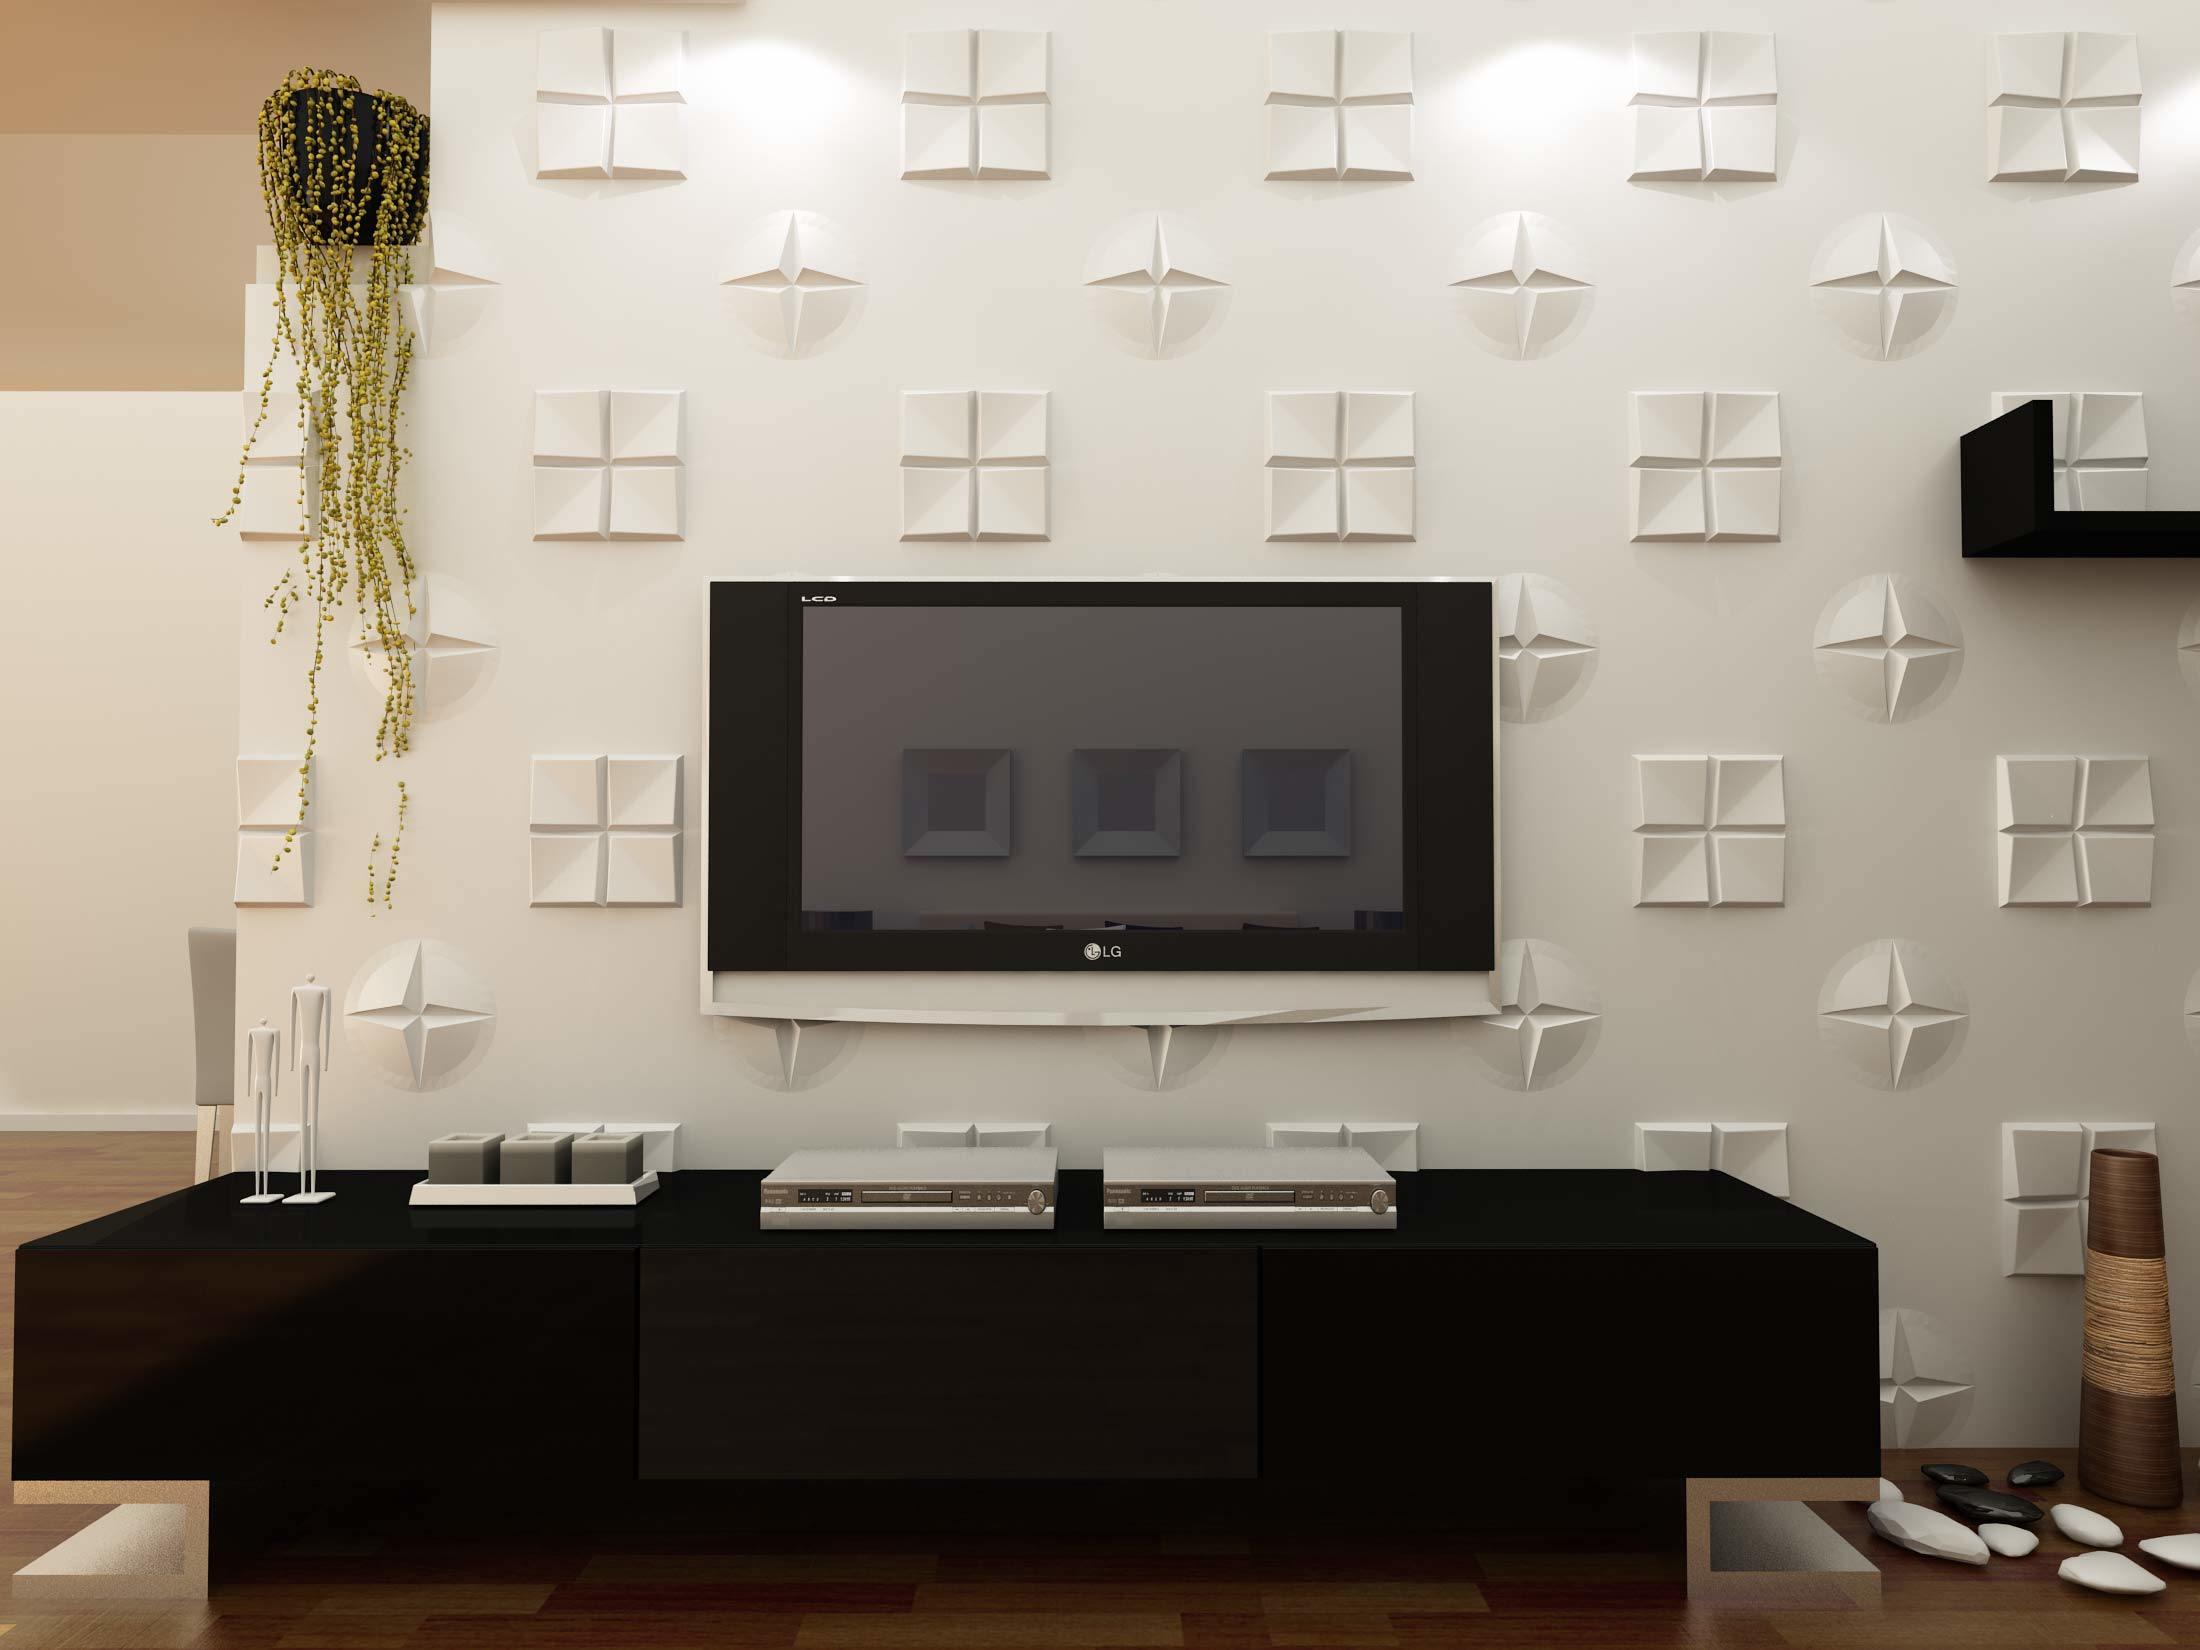 paneles d acsticos para interior decorativo de pared moderna